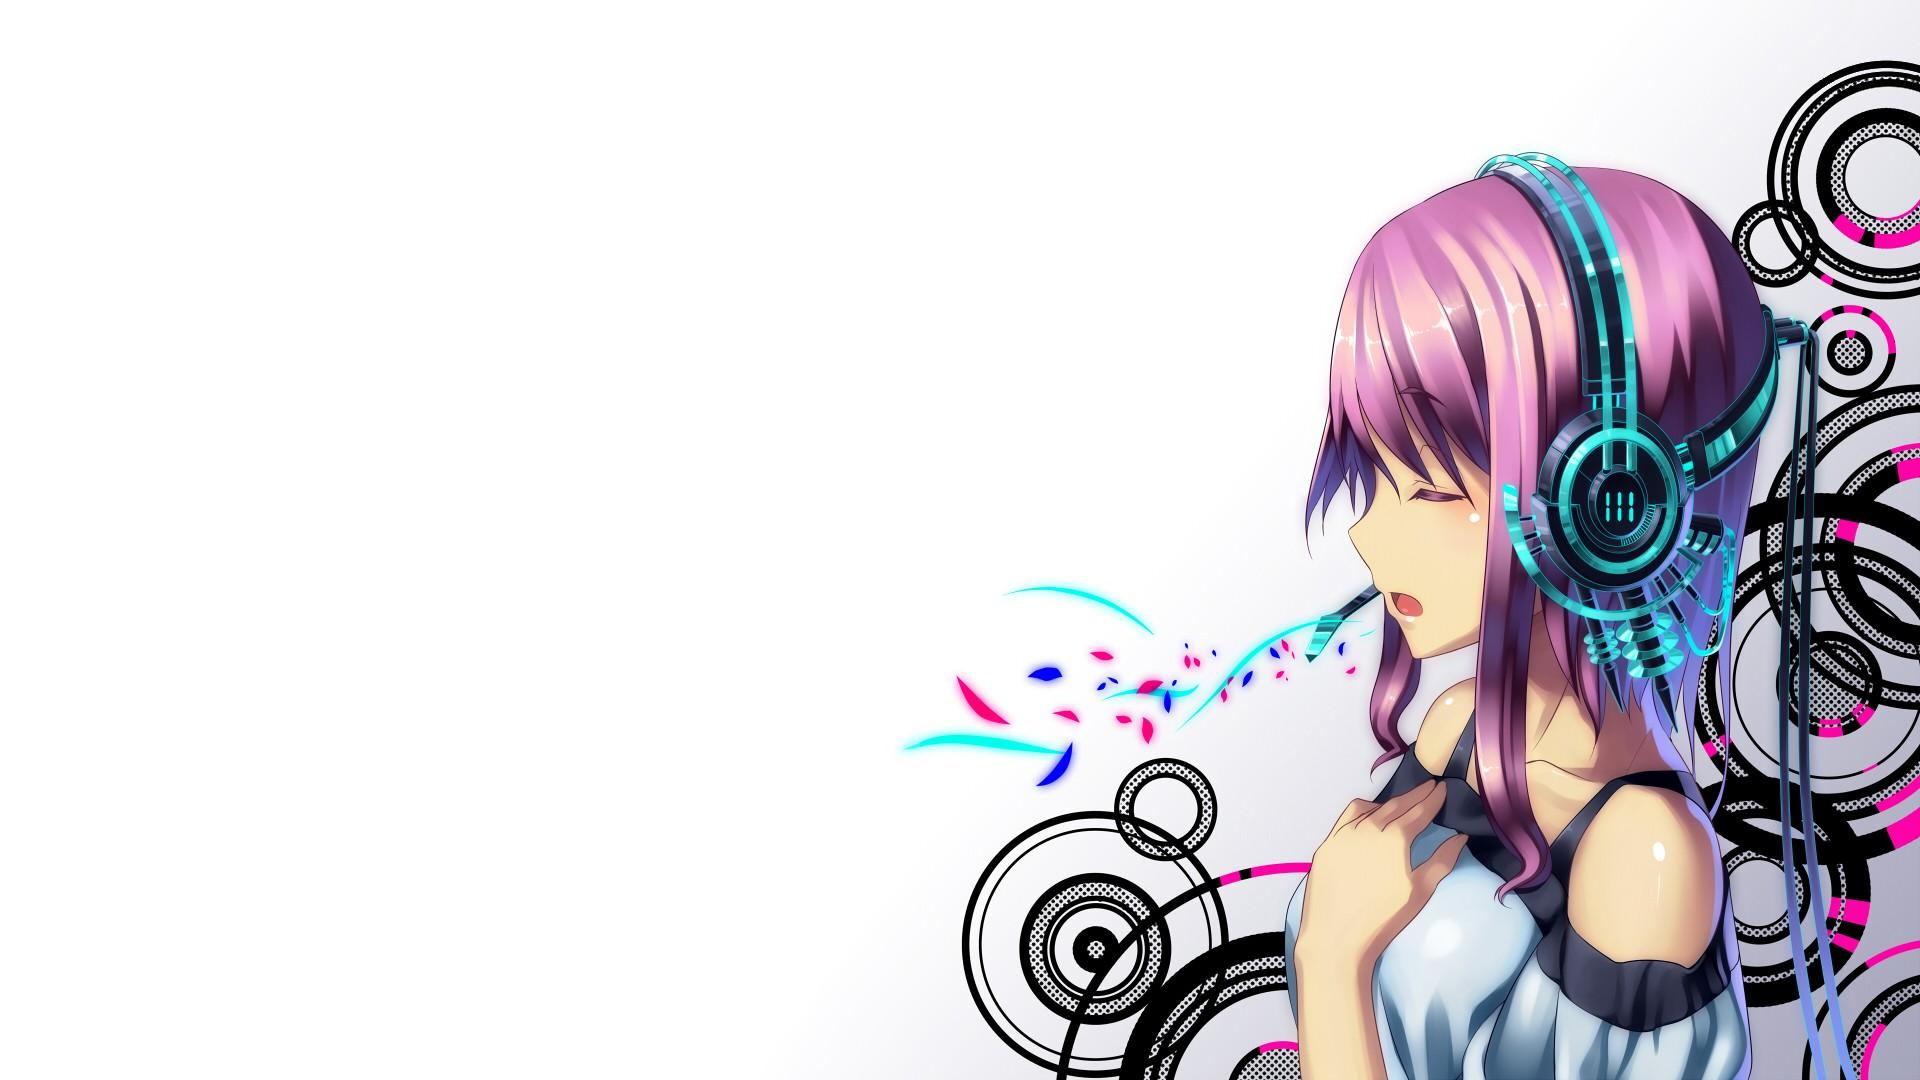 Art ID: 108049